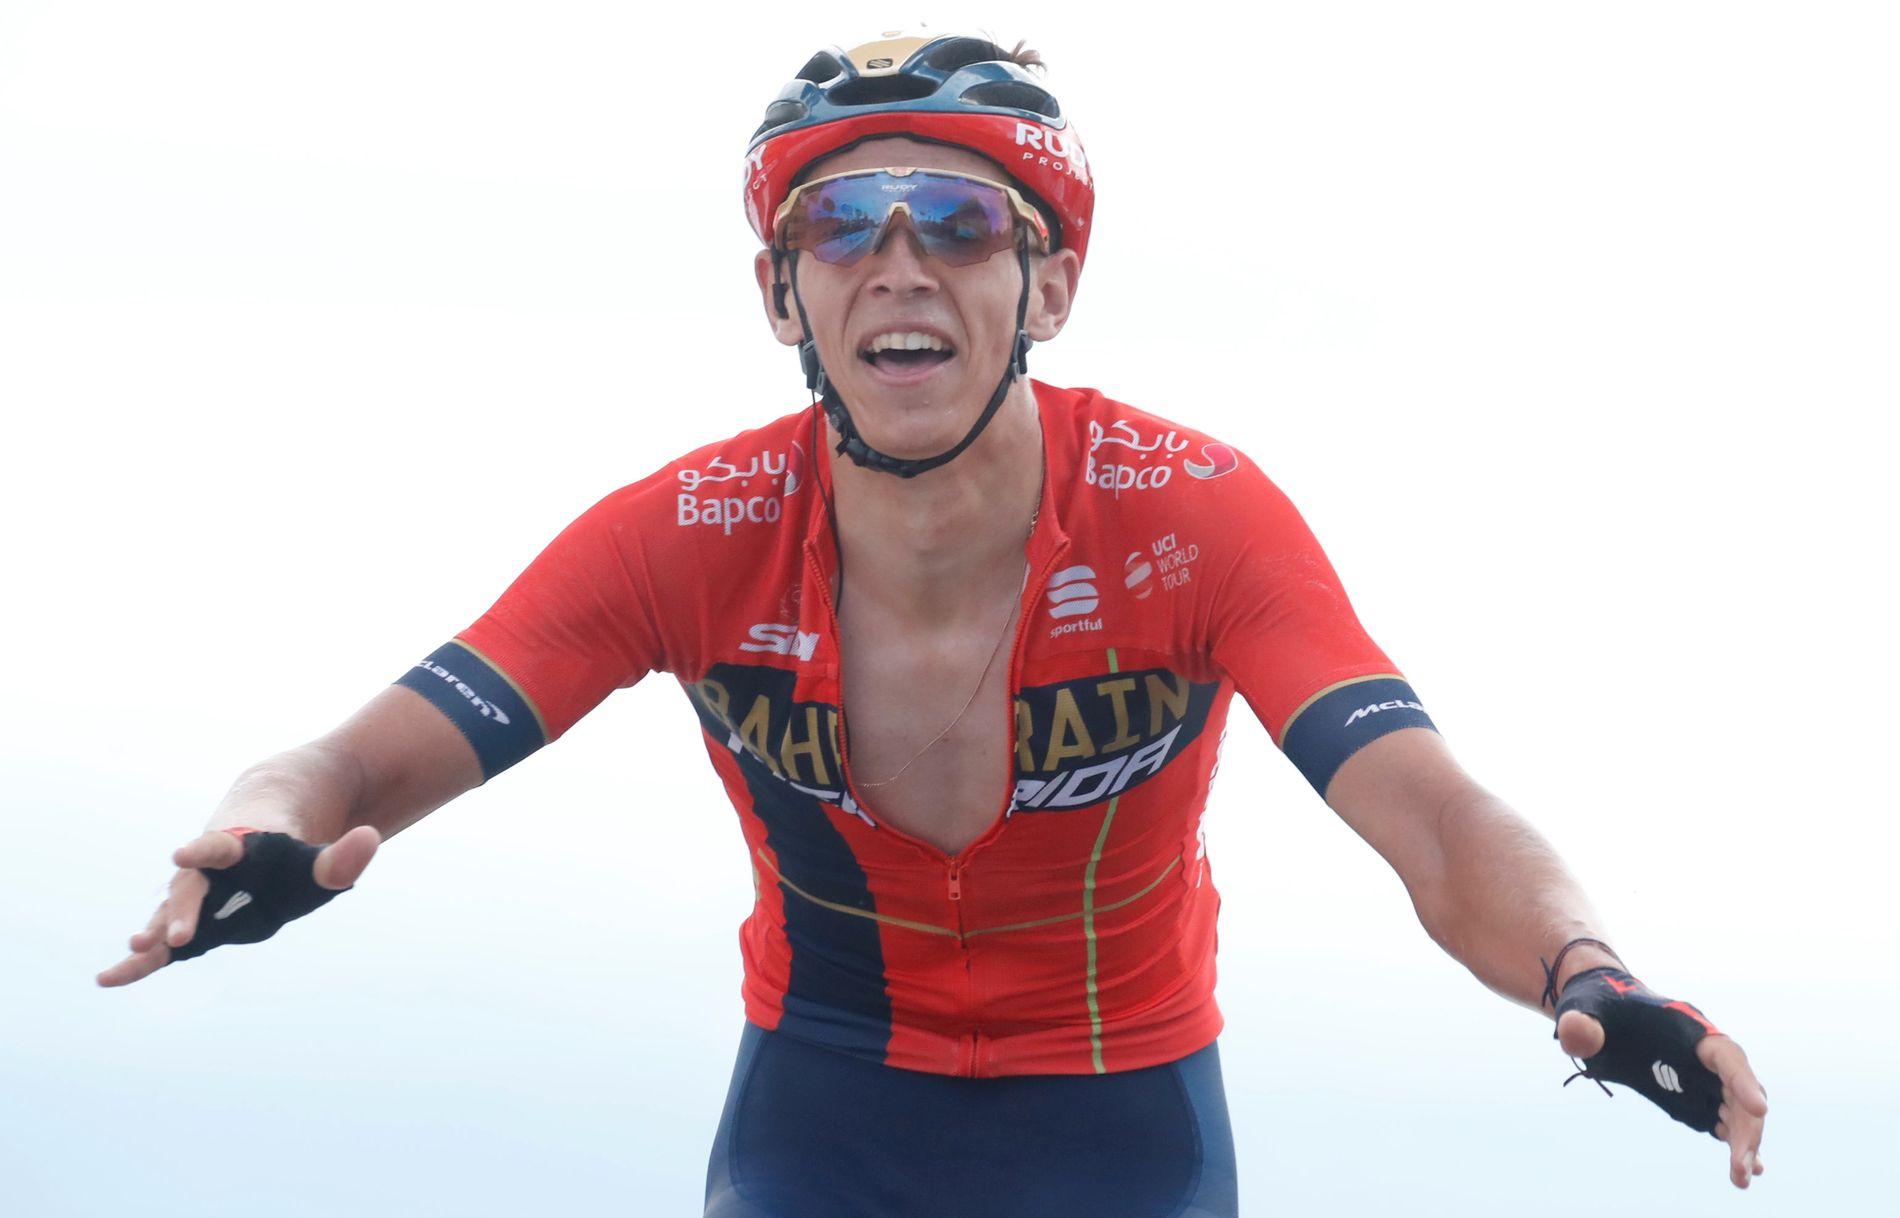 ETAPPEVINNER: Dylan Teuns fra Bahrain-laget gikk først over mål.